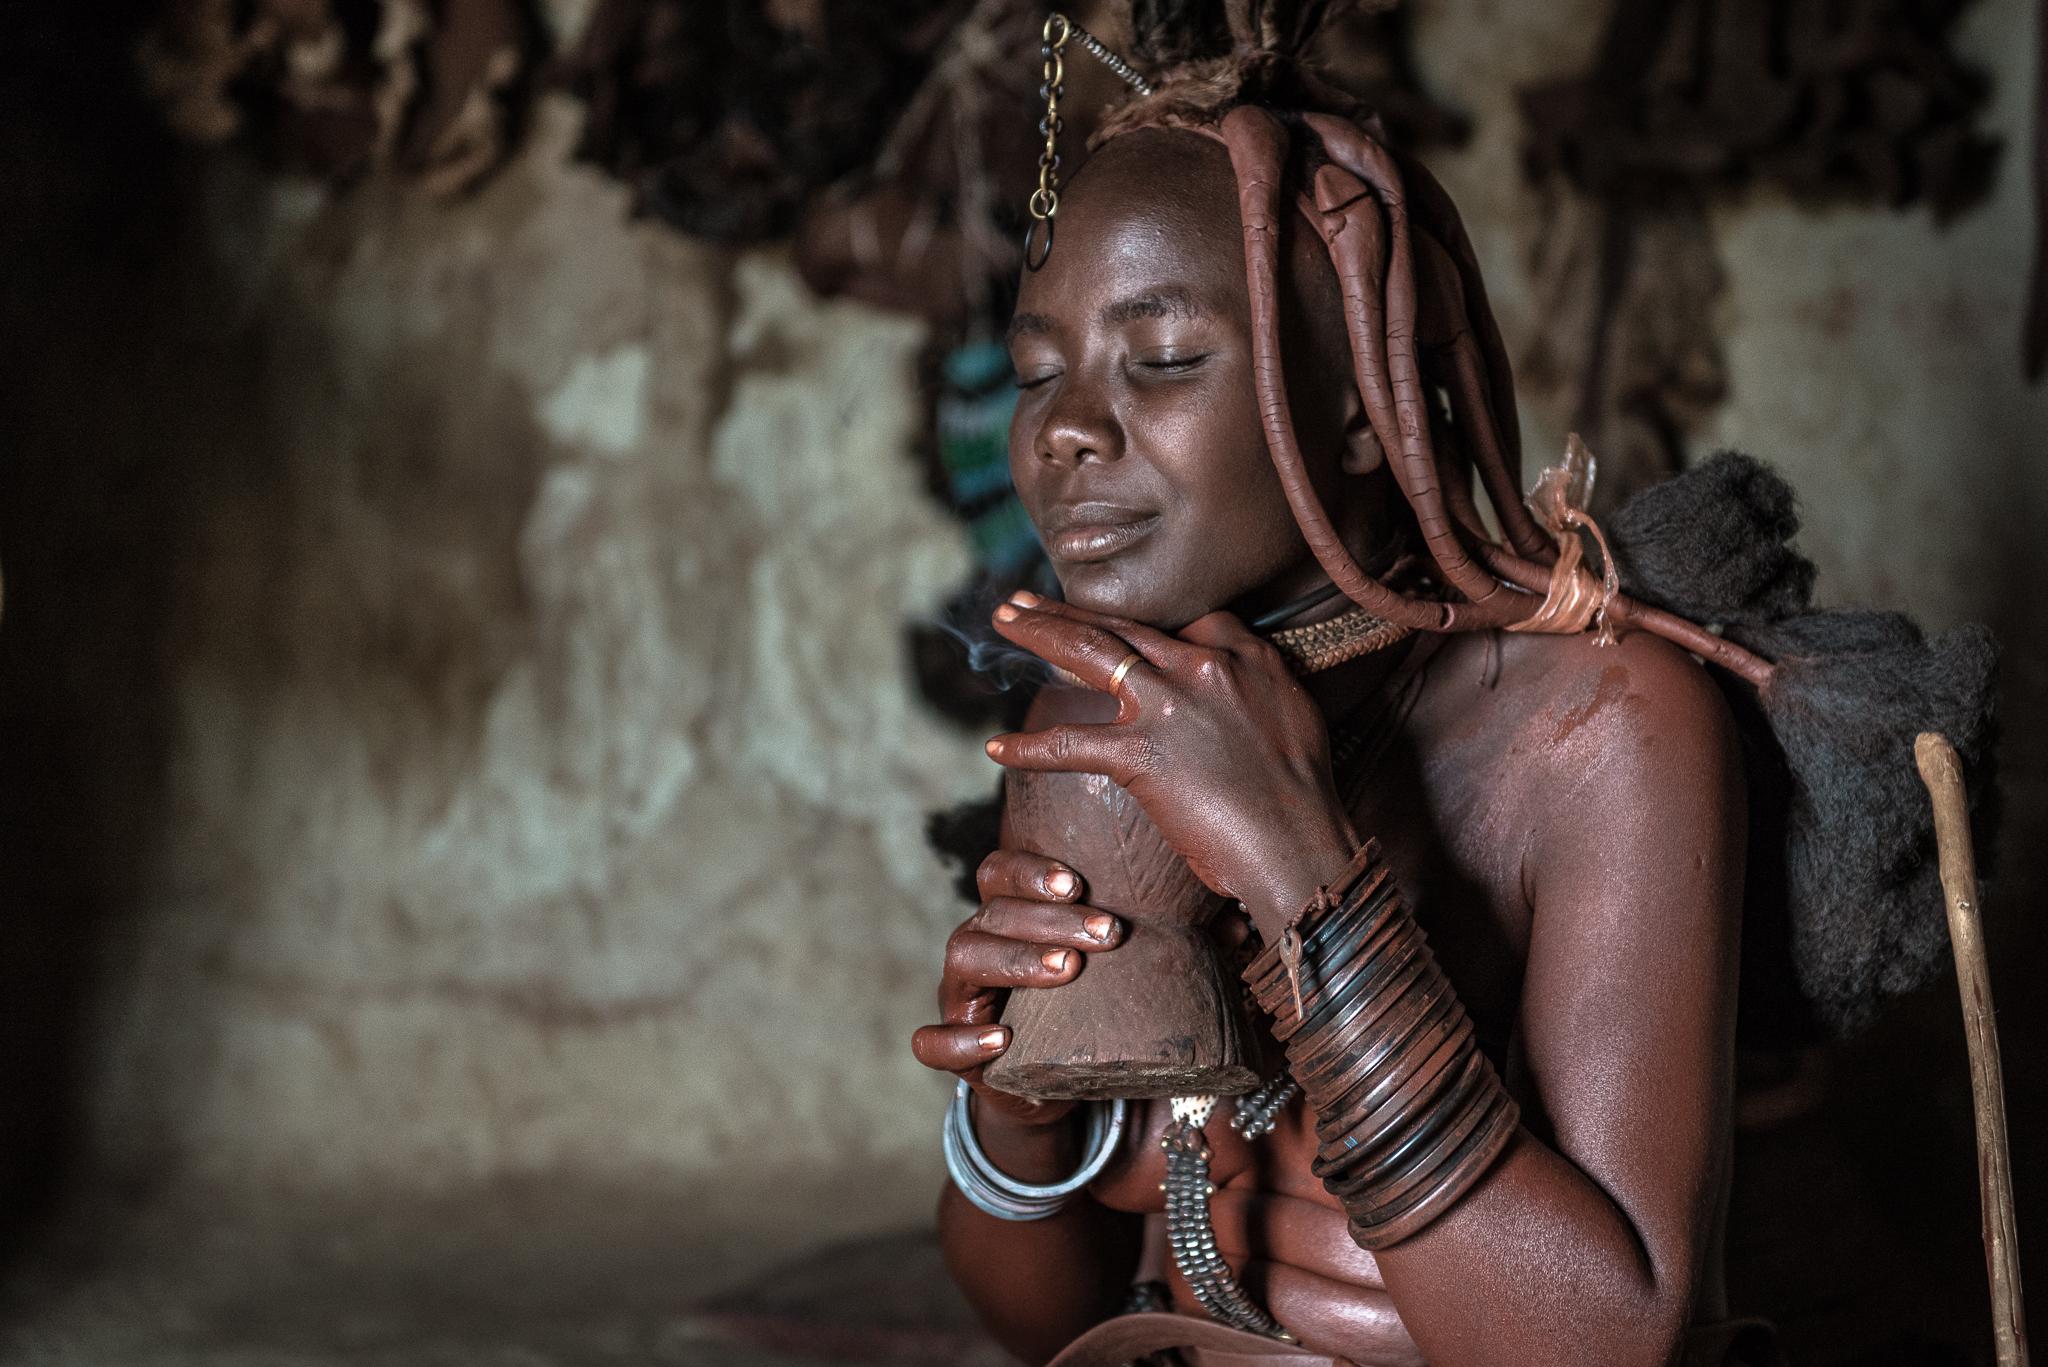 Kobieta Himba podczas codziennej toalety